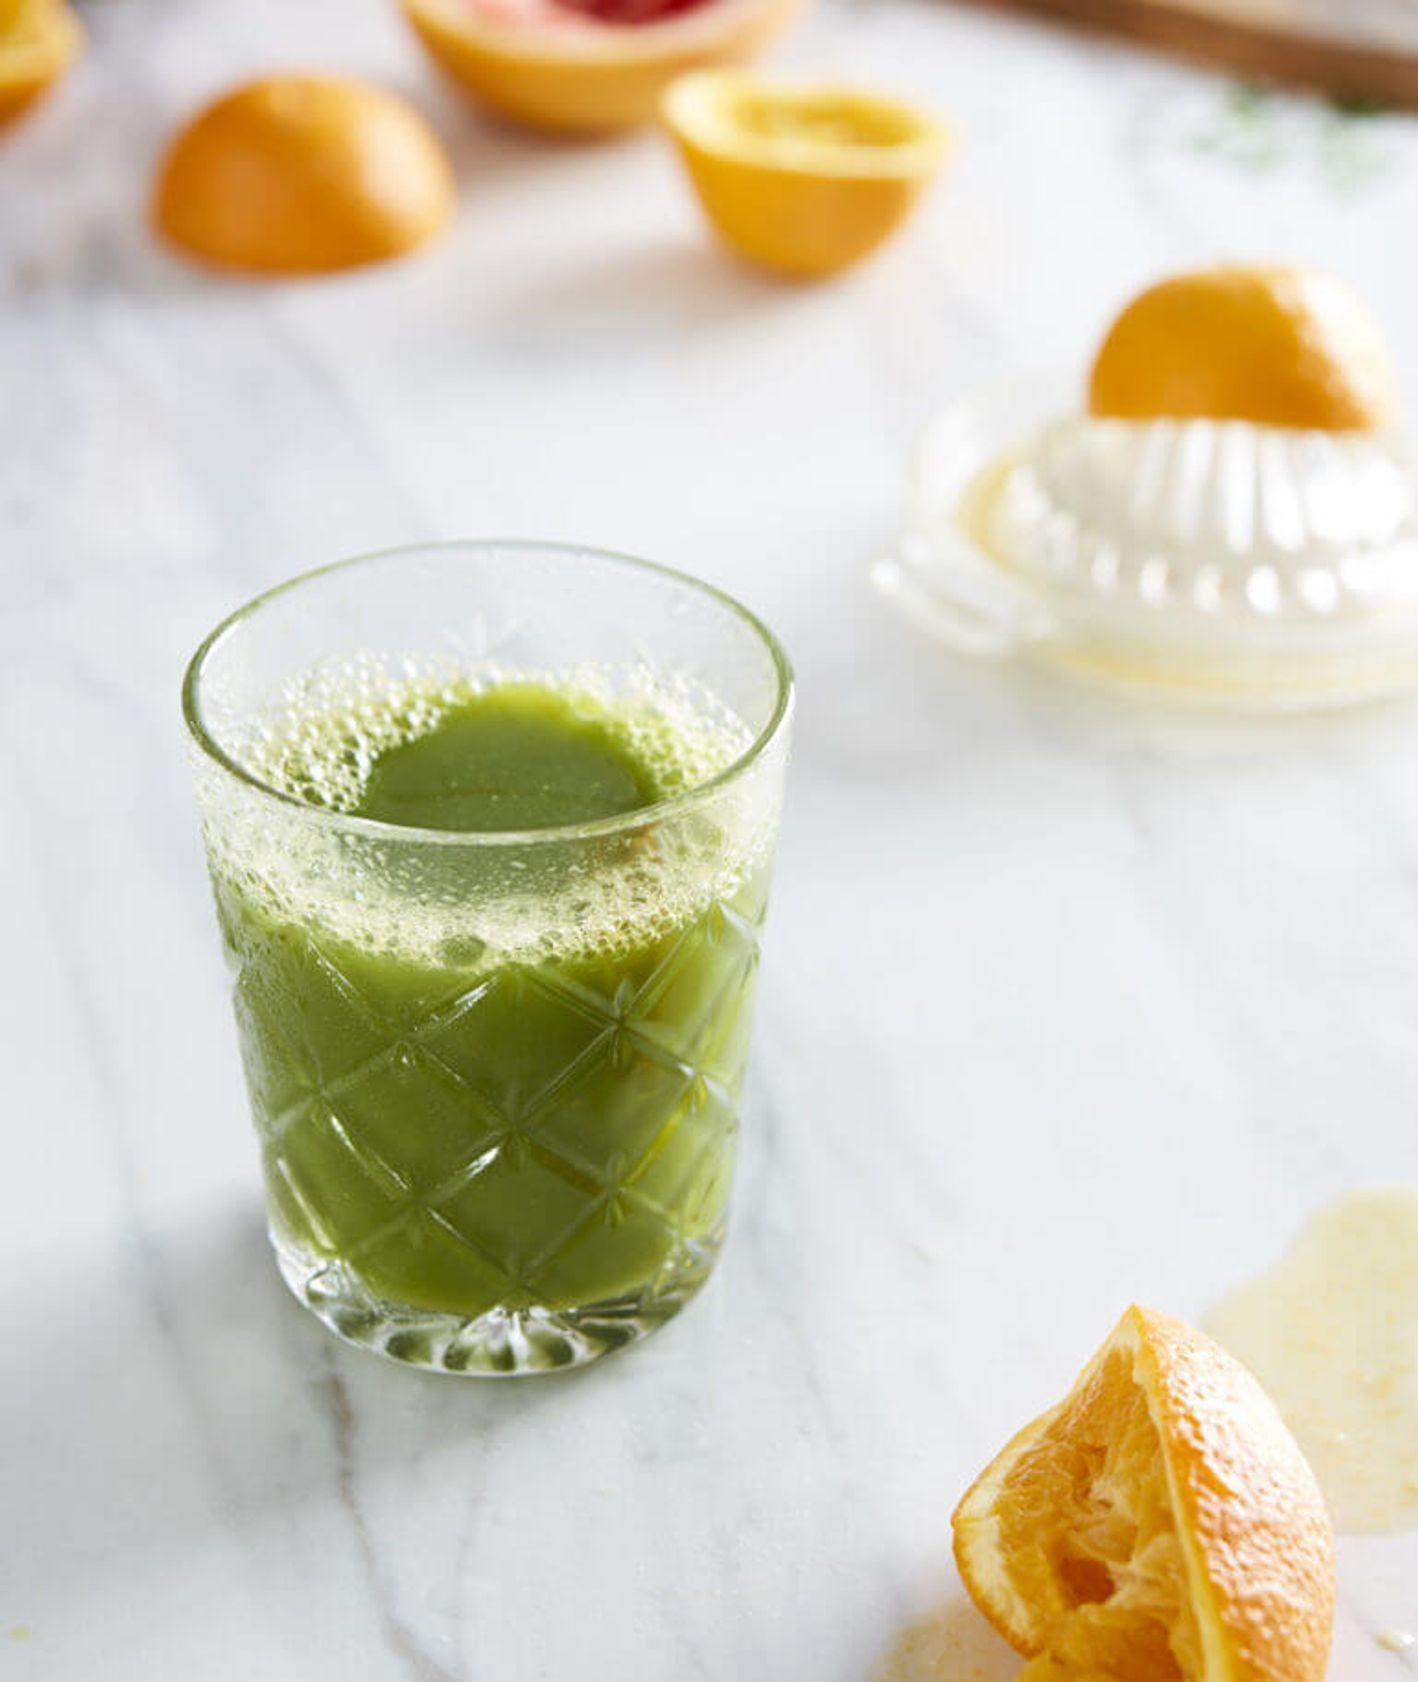 sok grapefruitowy, sok pomarańczowy, domowy sok na odporność, świeżo wyciskany sok, fit przekąska, zdrowy sok, zdrowe przepisy